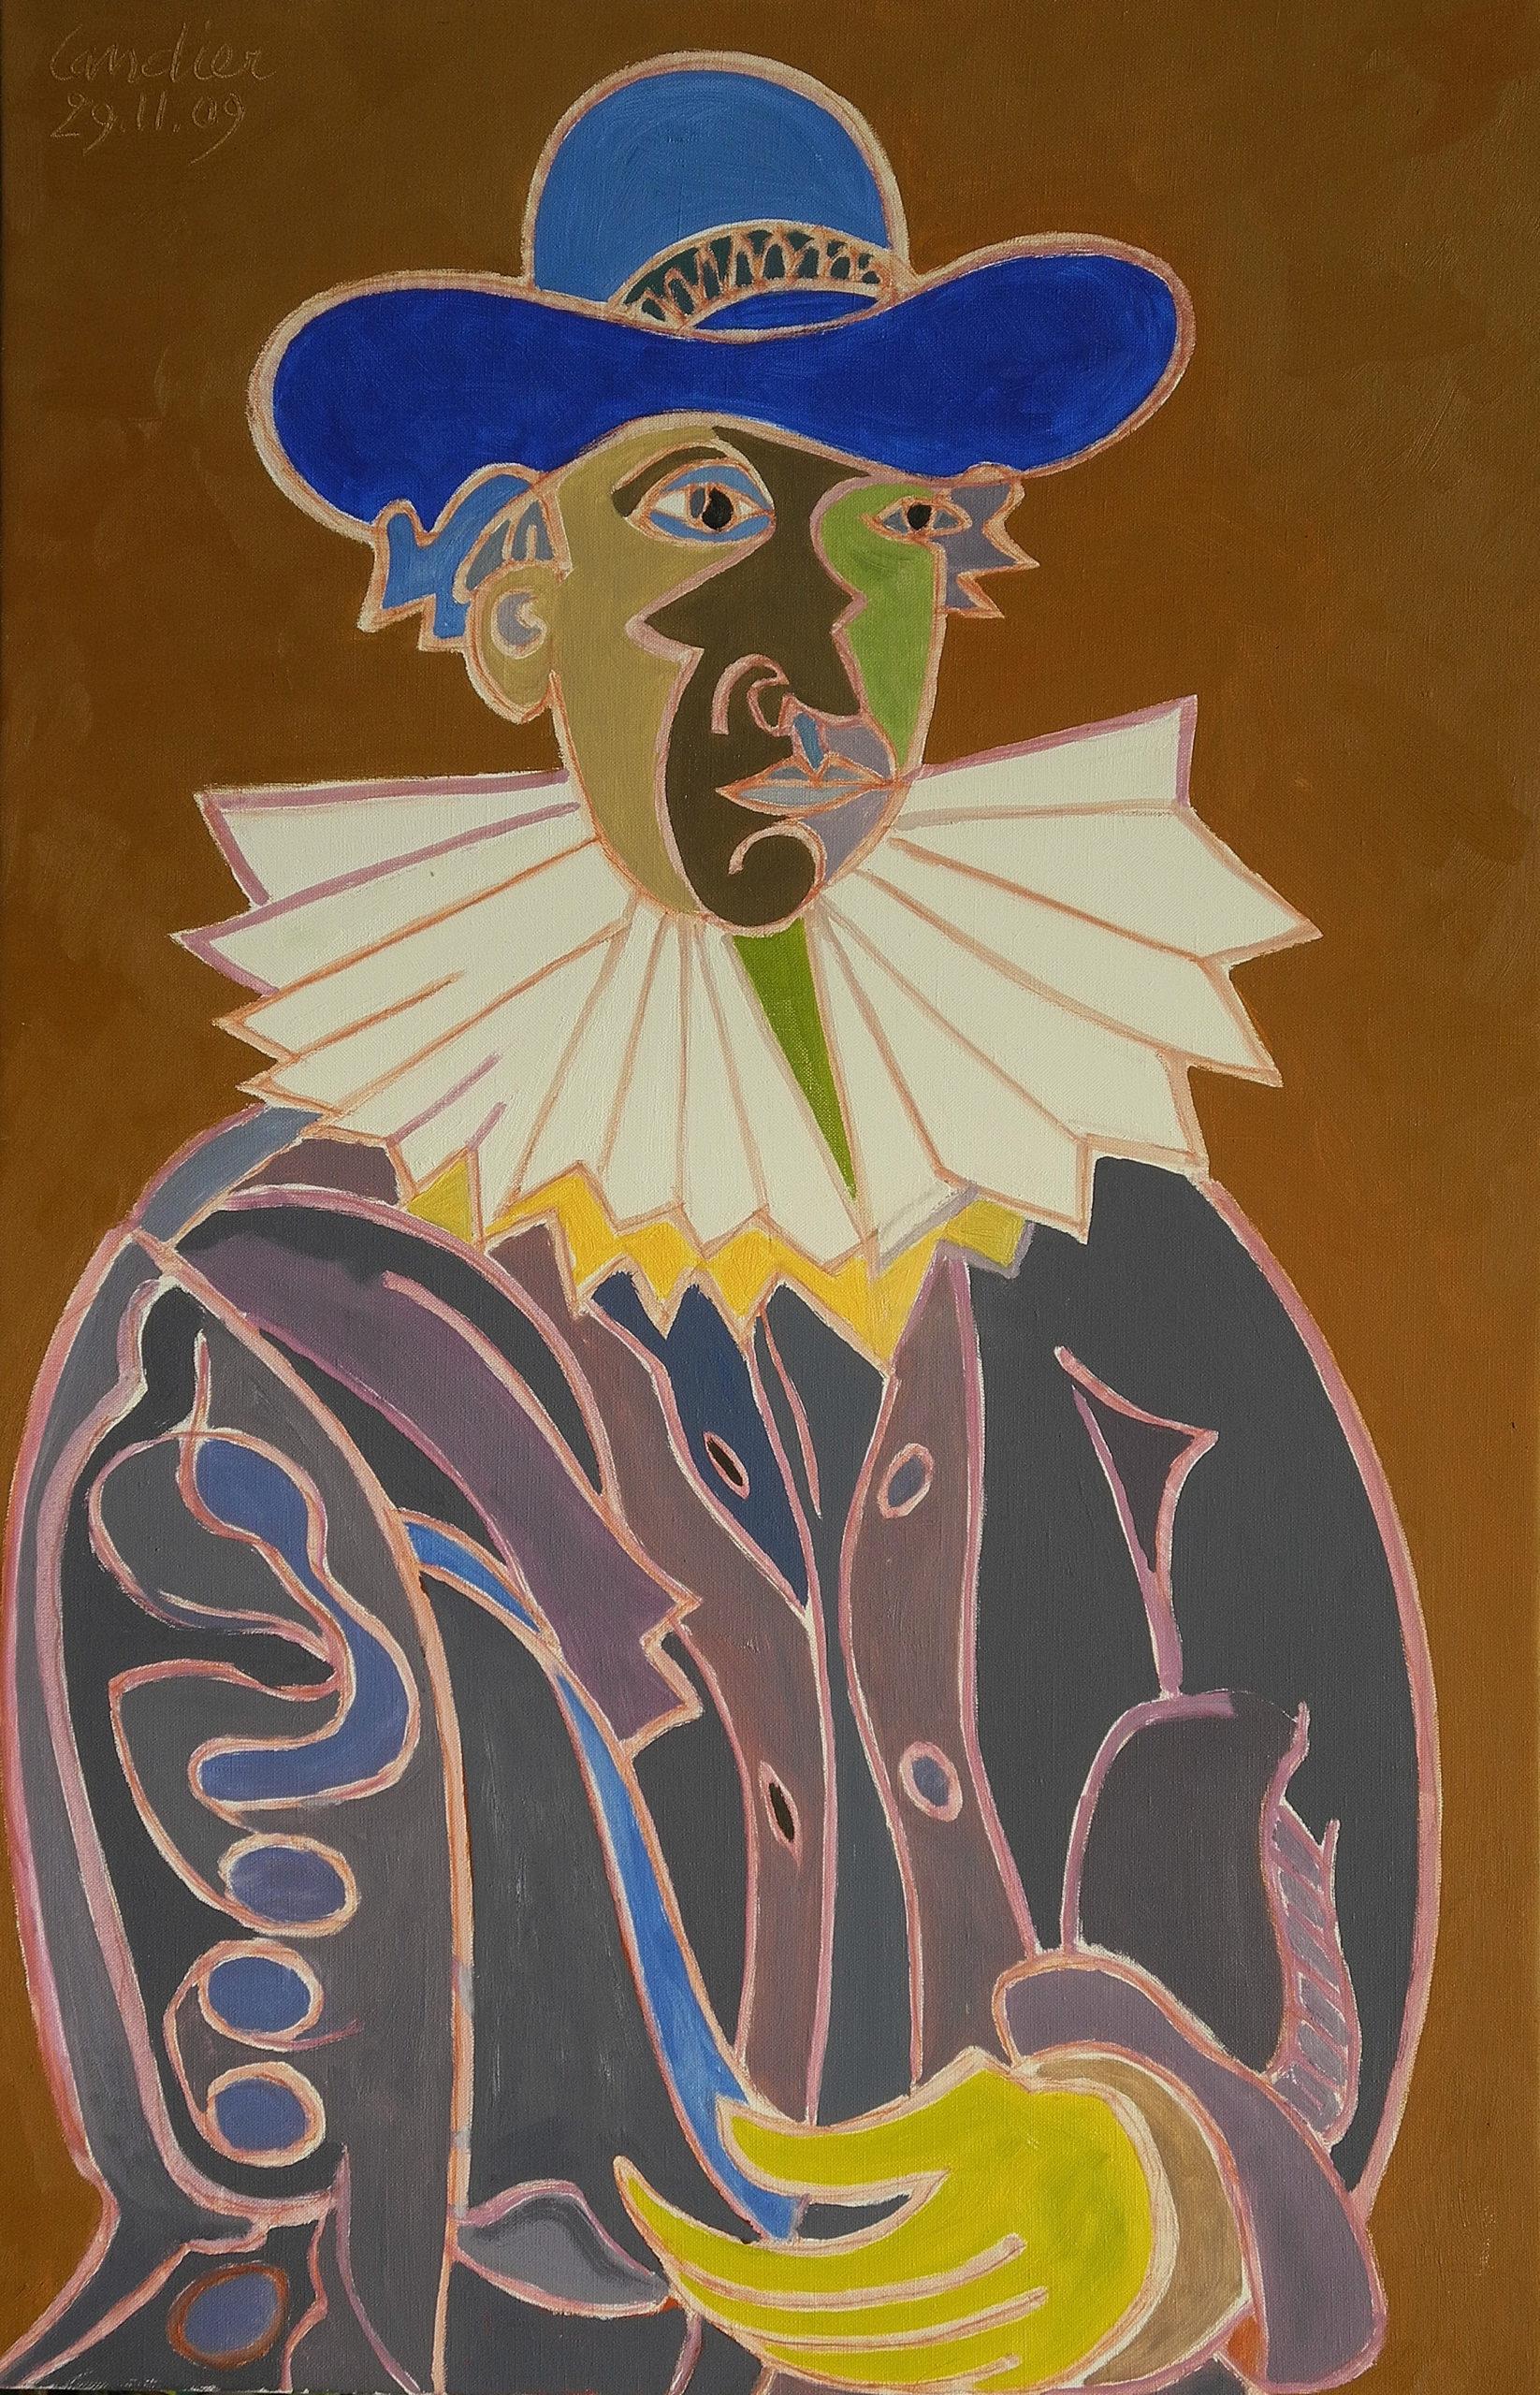 Hommage au Rembrandt sur fond ocre brun Peinture de Henri LANDIER 2009 92x60 cm Prix : 13 000 €